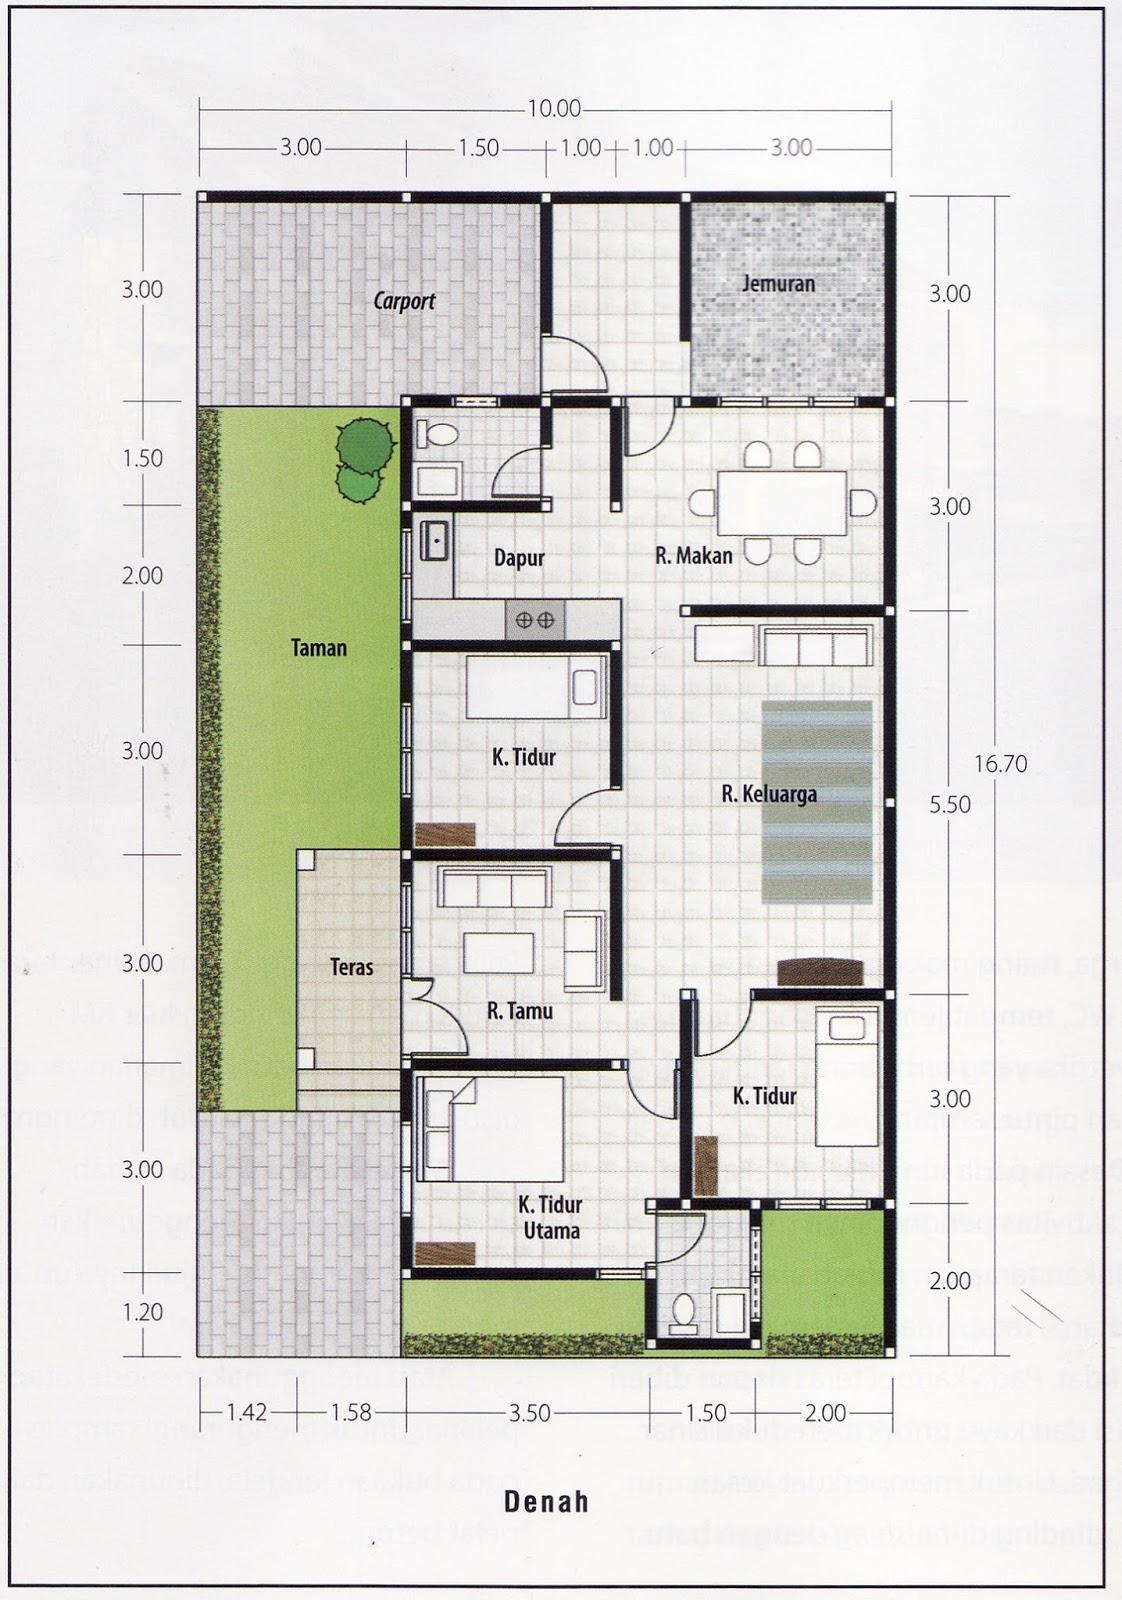 14 Denah Rumah Sederhana 1 Lantai 3 Kamar Tidur Rumahku Unik